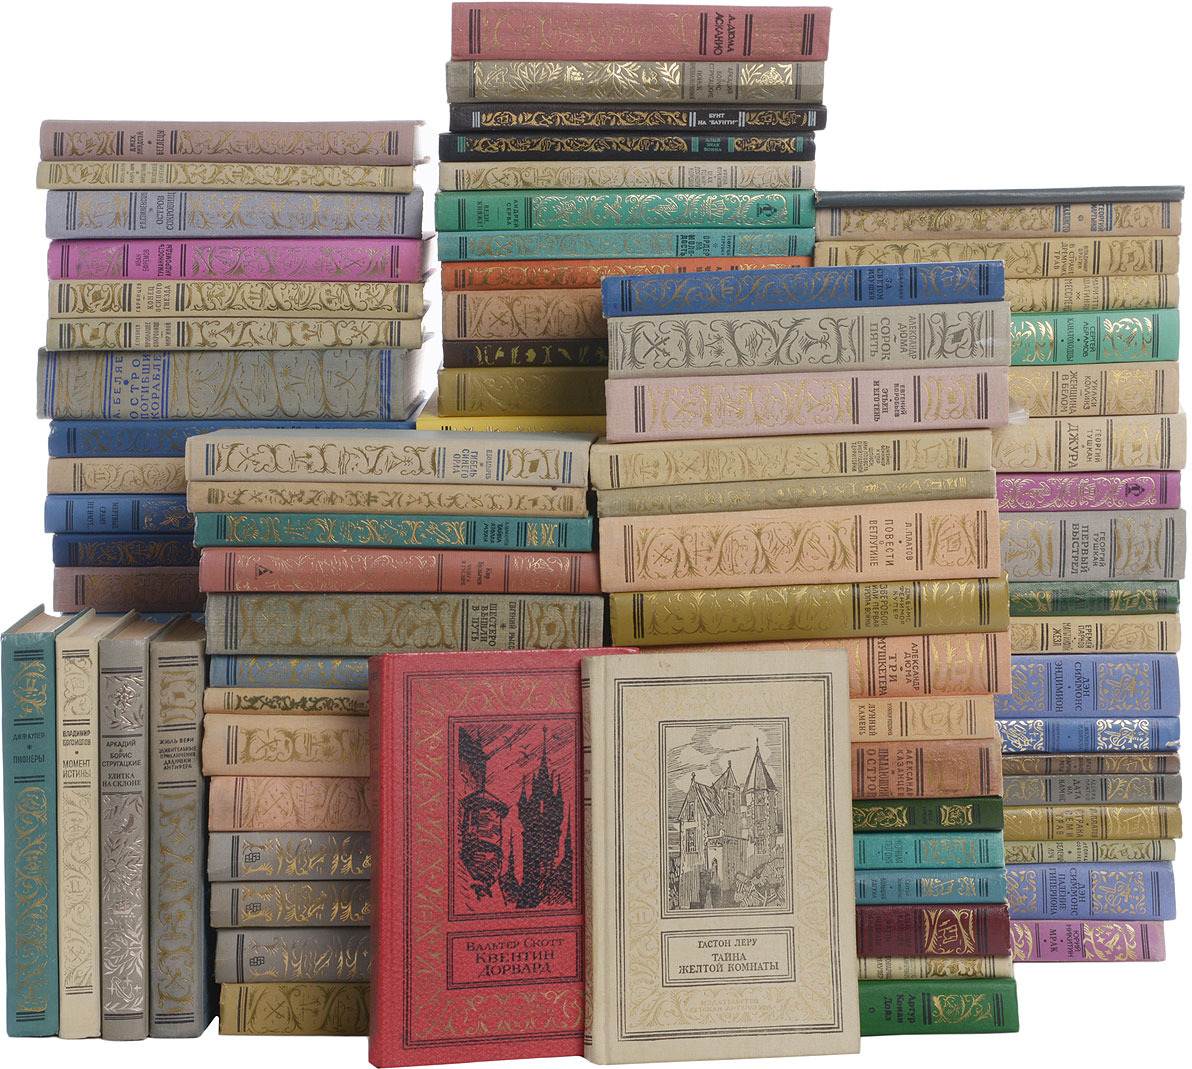 Серия Библиотека приключений и научной фантастики (комплект из 100 книг) серия библиотека зарубежной фантастики комплект из 8 книг